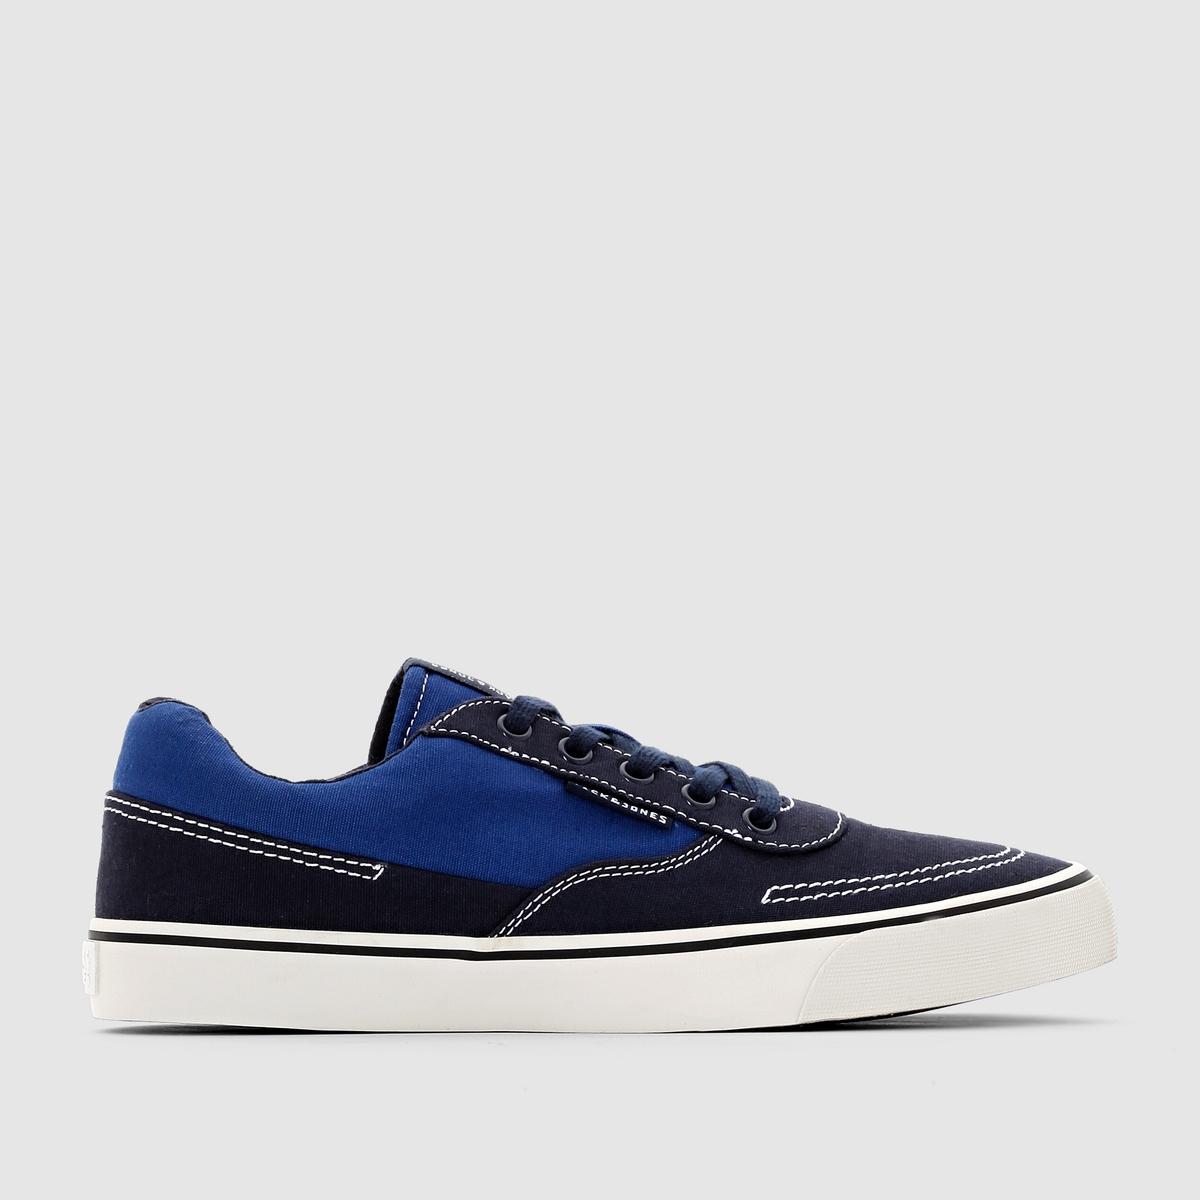 Кеды низкие JJ Shark CanvasJack &amp; Jones создает спортивную и одновременно модную обувь. Праобразом этих низких кед является обувь для яхтсменов. Очень актуальная модель в этом сезоне!<br><br>Цвет: синий морской<br>Размер: 44.41